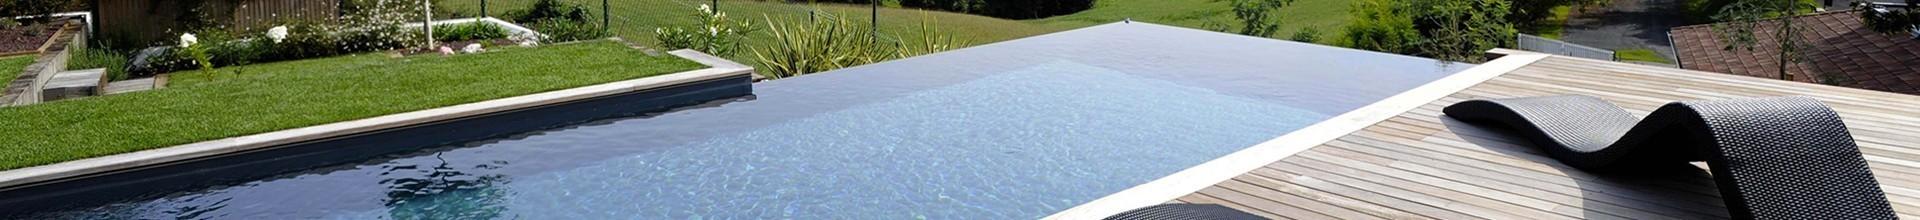 Direct usine, piscine coque prix Remich